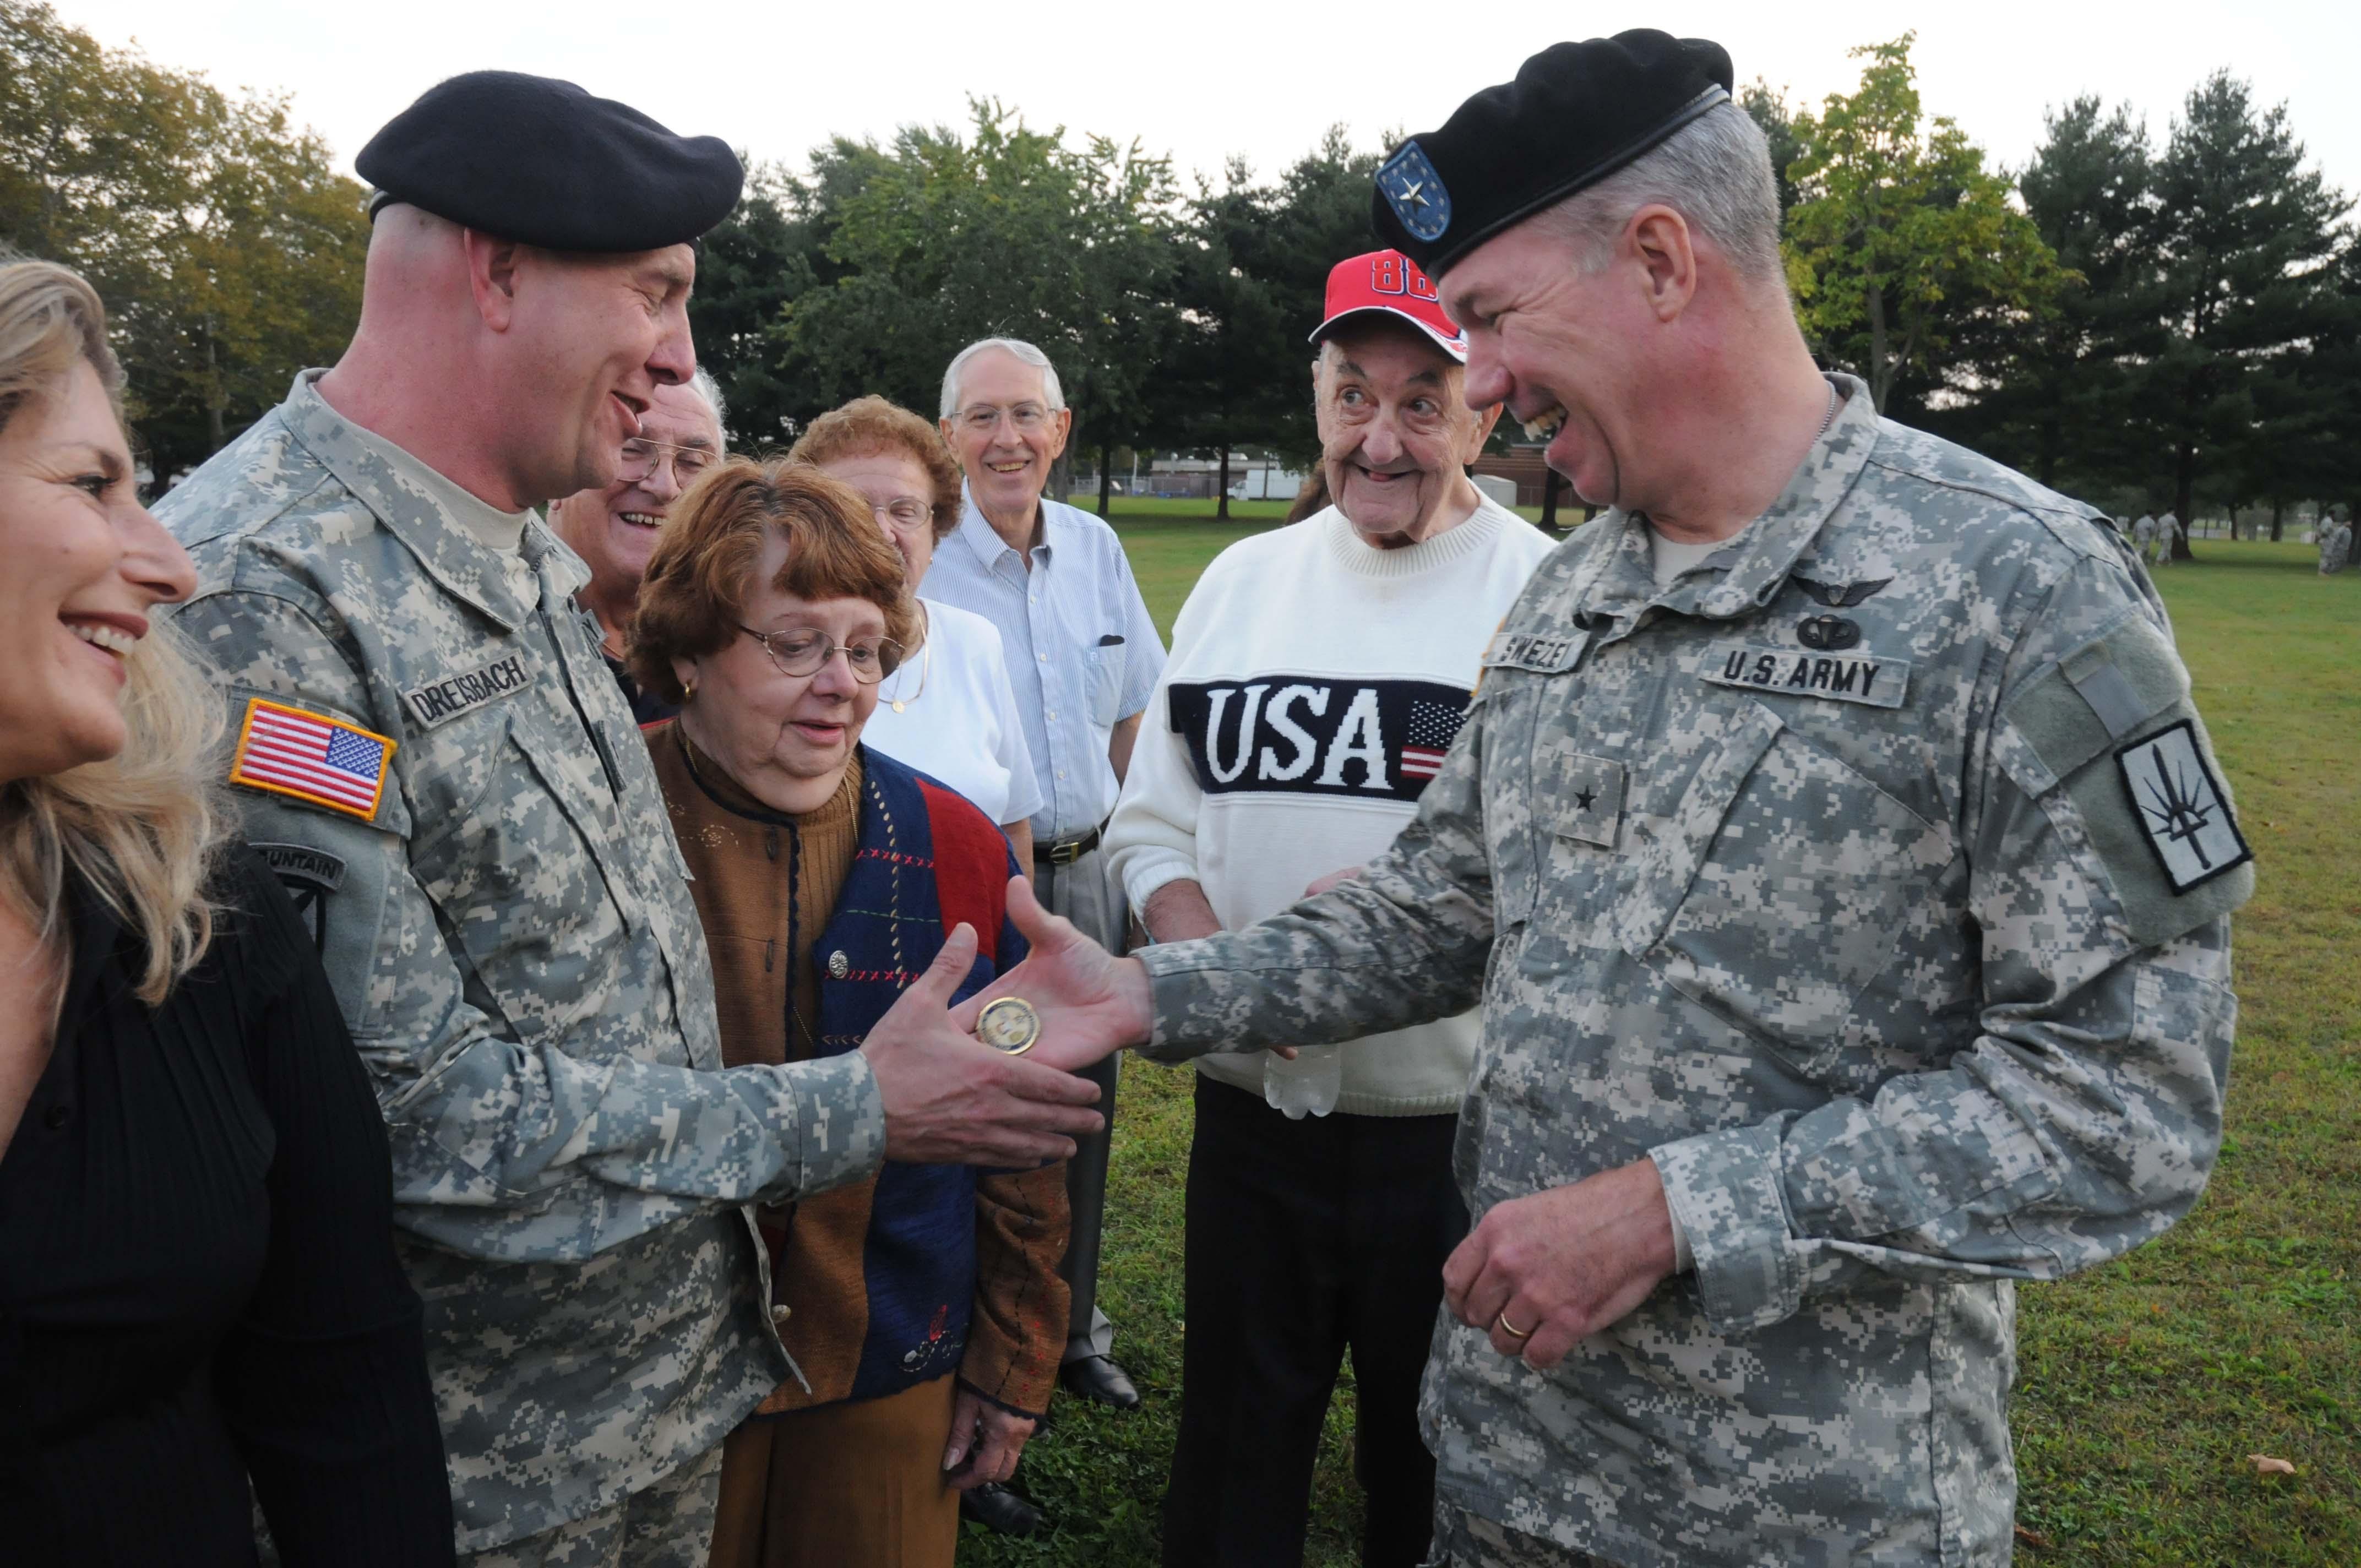 and an iraq war veteran